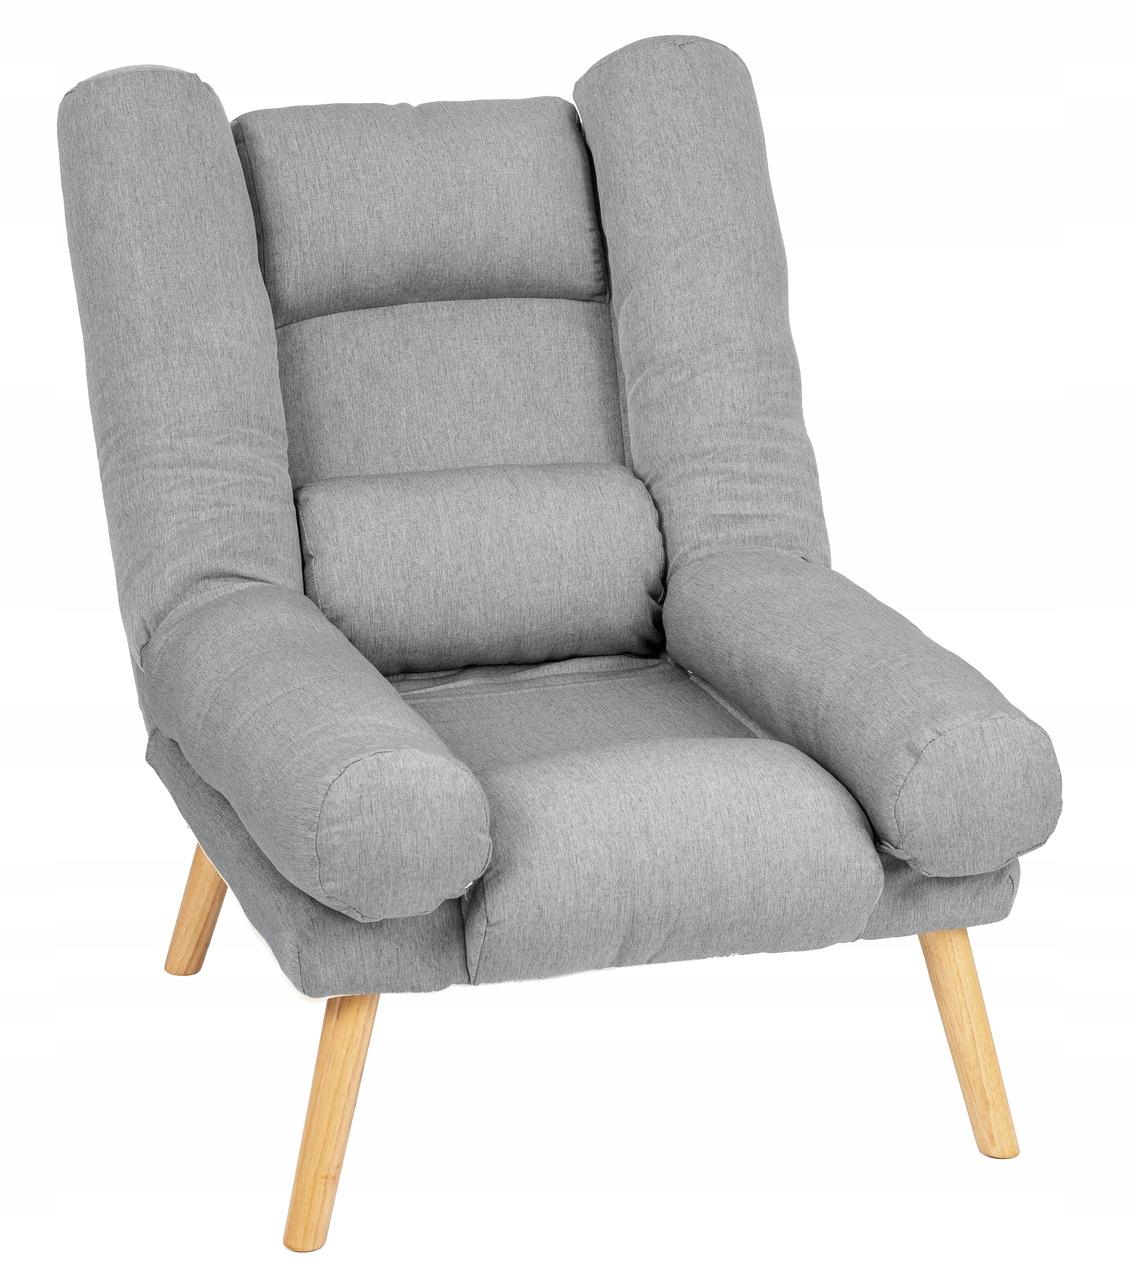 Fotel USZAK styl skandynawski SZARY z podnóżkiem Rodzaj rozkładany